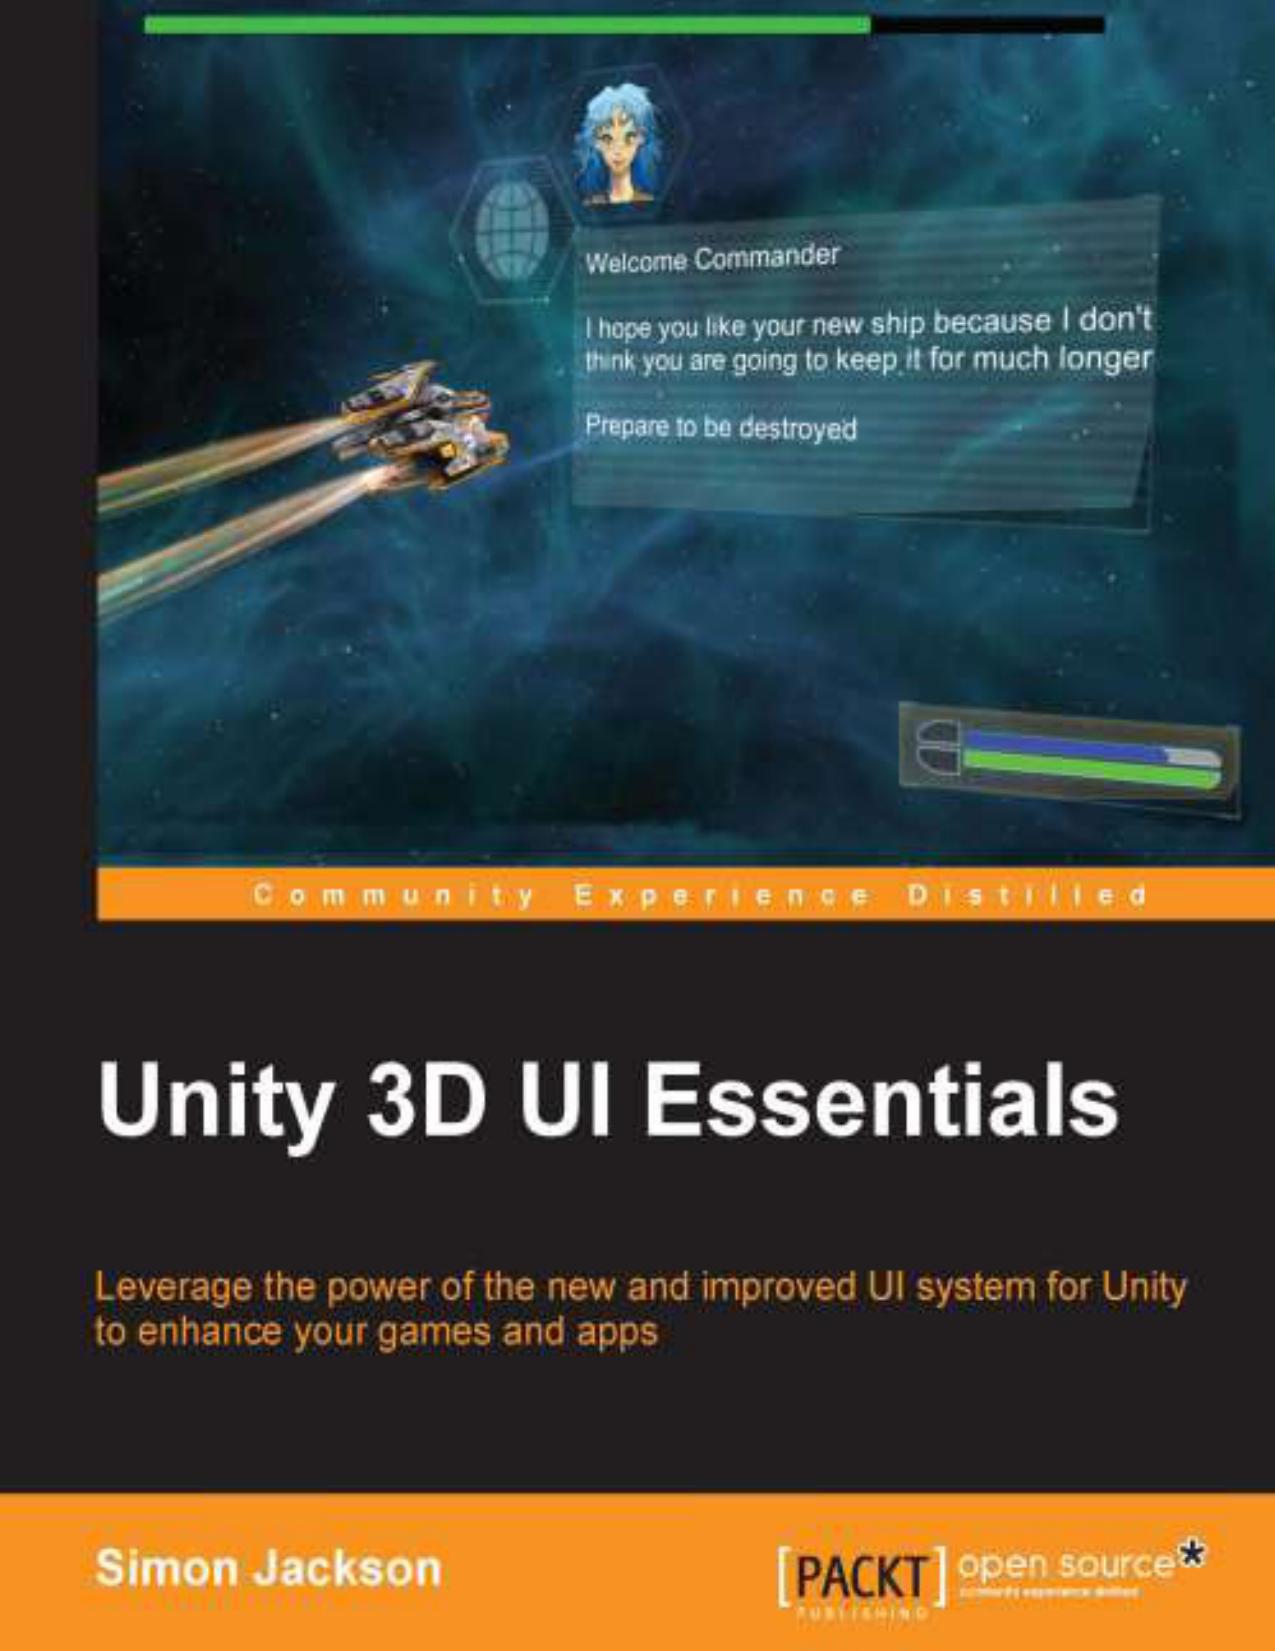 Unity 3D UI Essentials | manualzz com